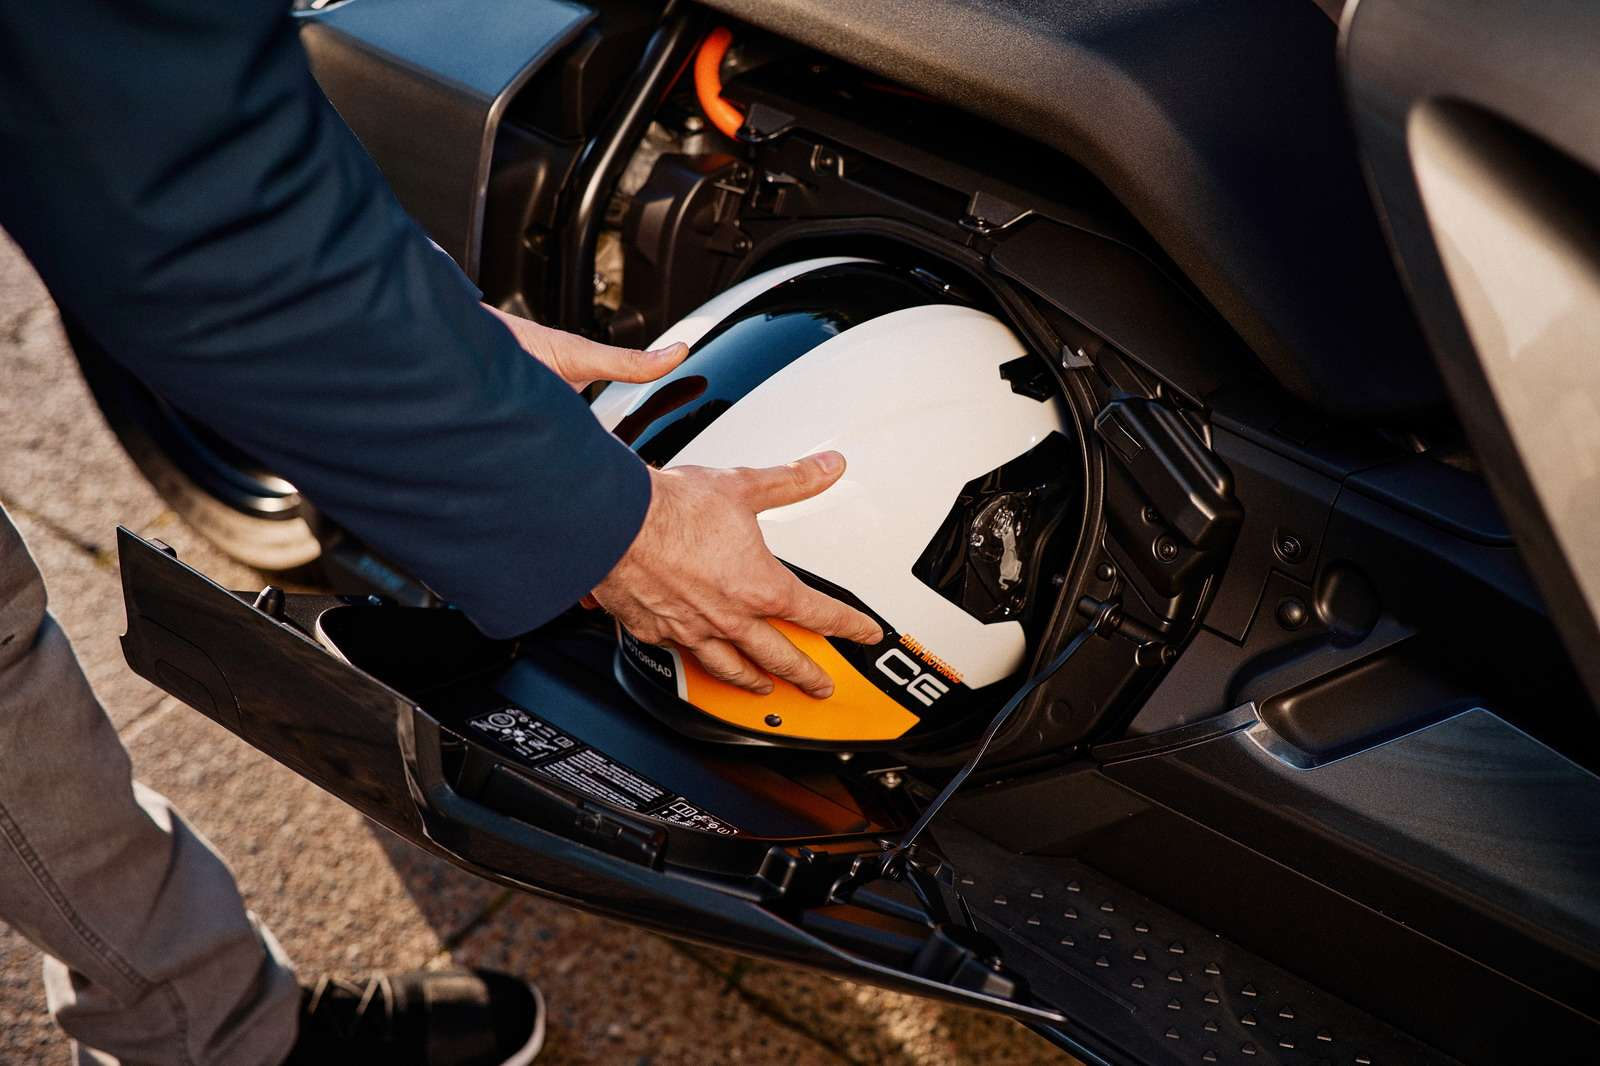 引领行业发展 以前瞻视角布局电动摩托车领域